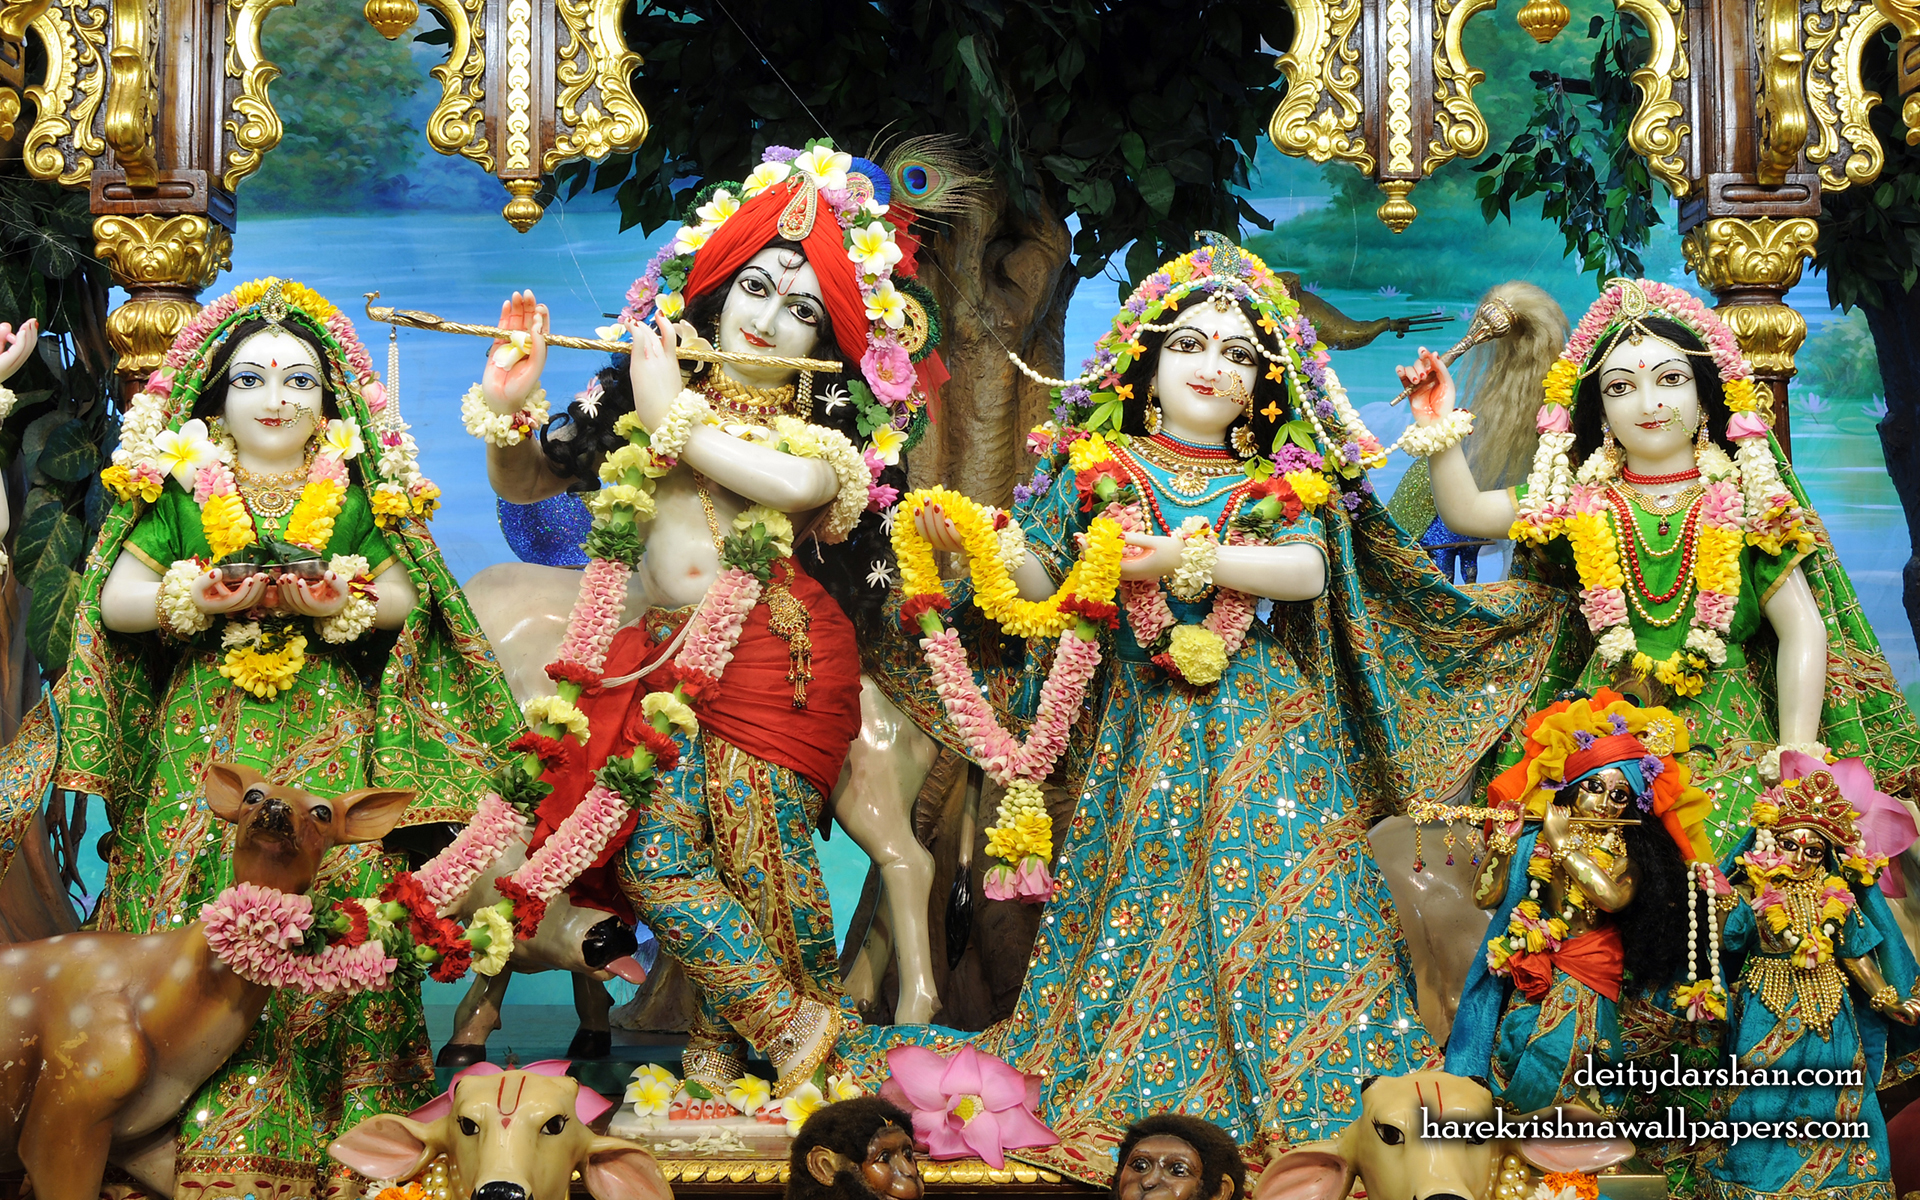 Sri Sri Radha Gopinath Lalita Vishakha Wallpaper (062) Size 1920x1200 Download